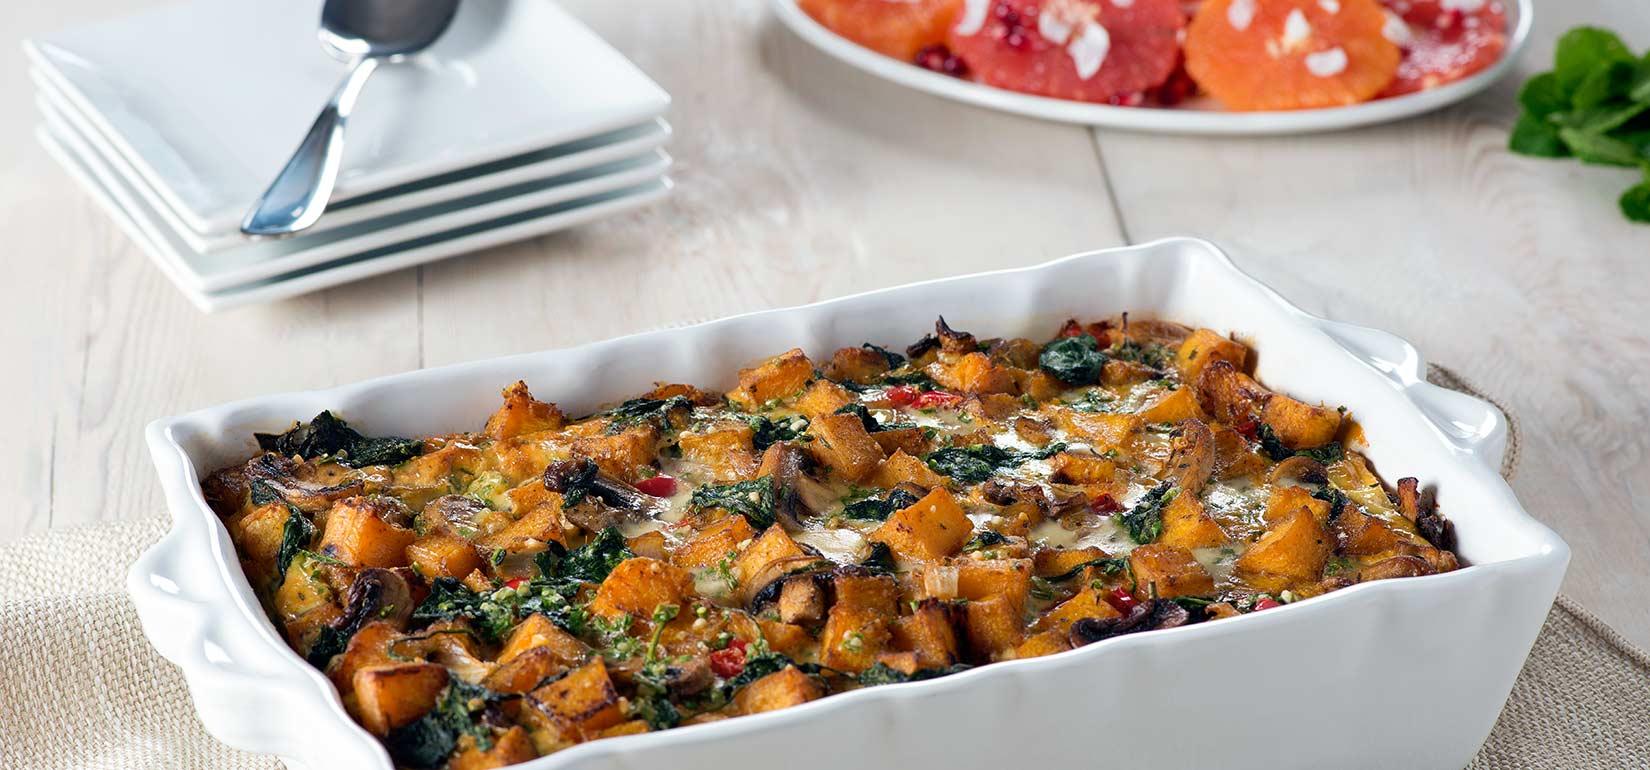 Самые вкусные вегетарианские рецепты для обеда